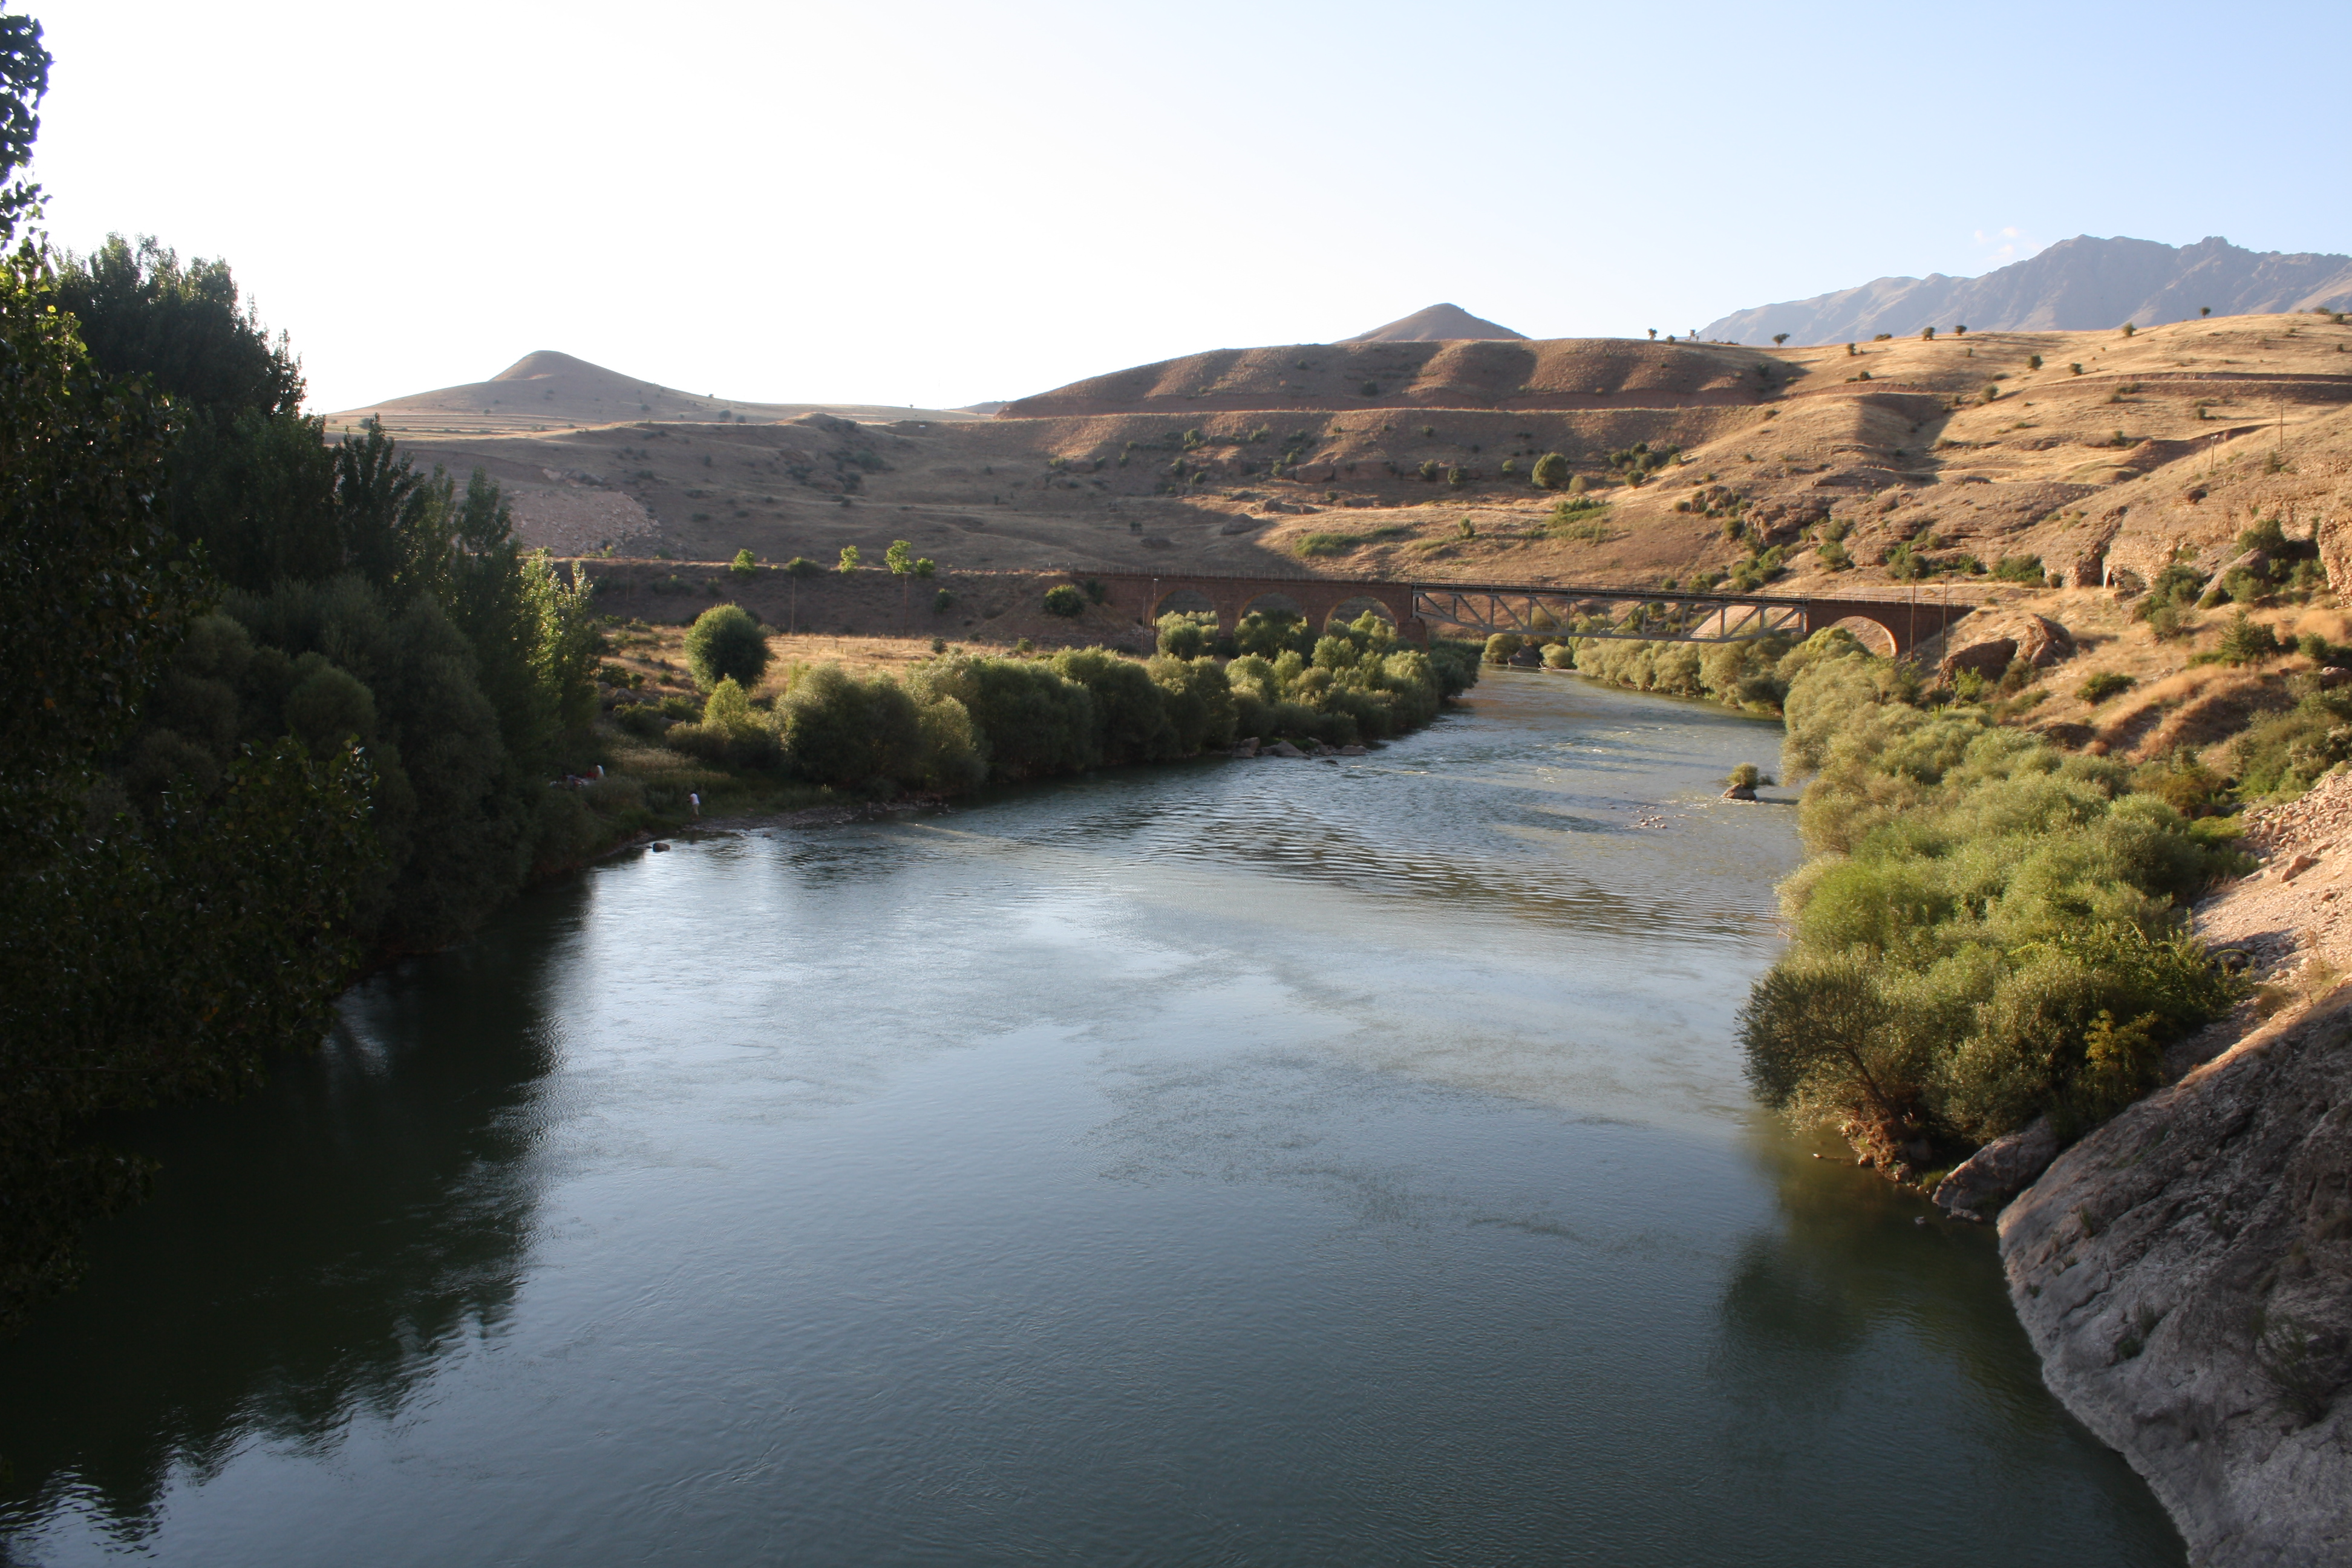 Zwischen Erzincan und Kemah, an der Acemoglu Brücke. Hier wurden 1915 zehntausende Armenier deportiert und umgebracht, 1938 standen auch zazaische Aleviten hier.